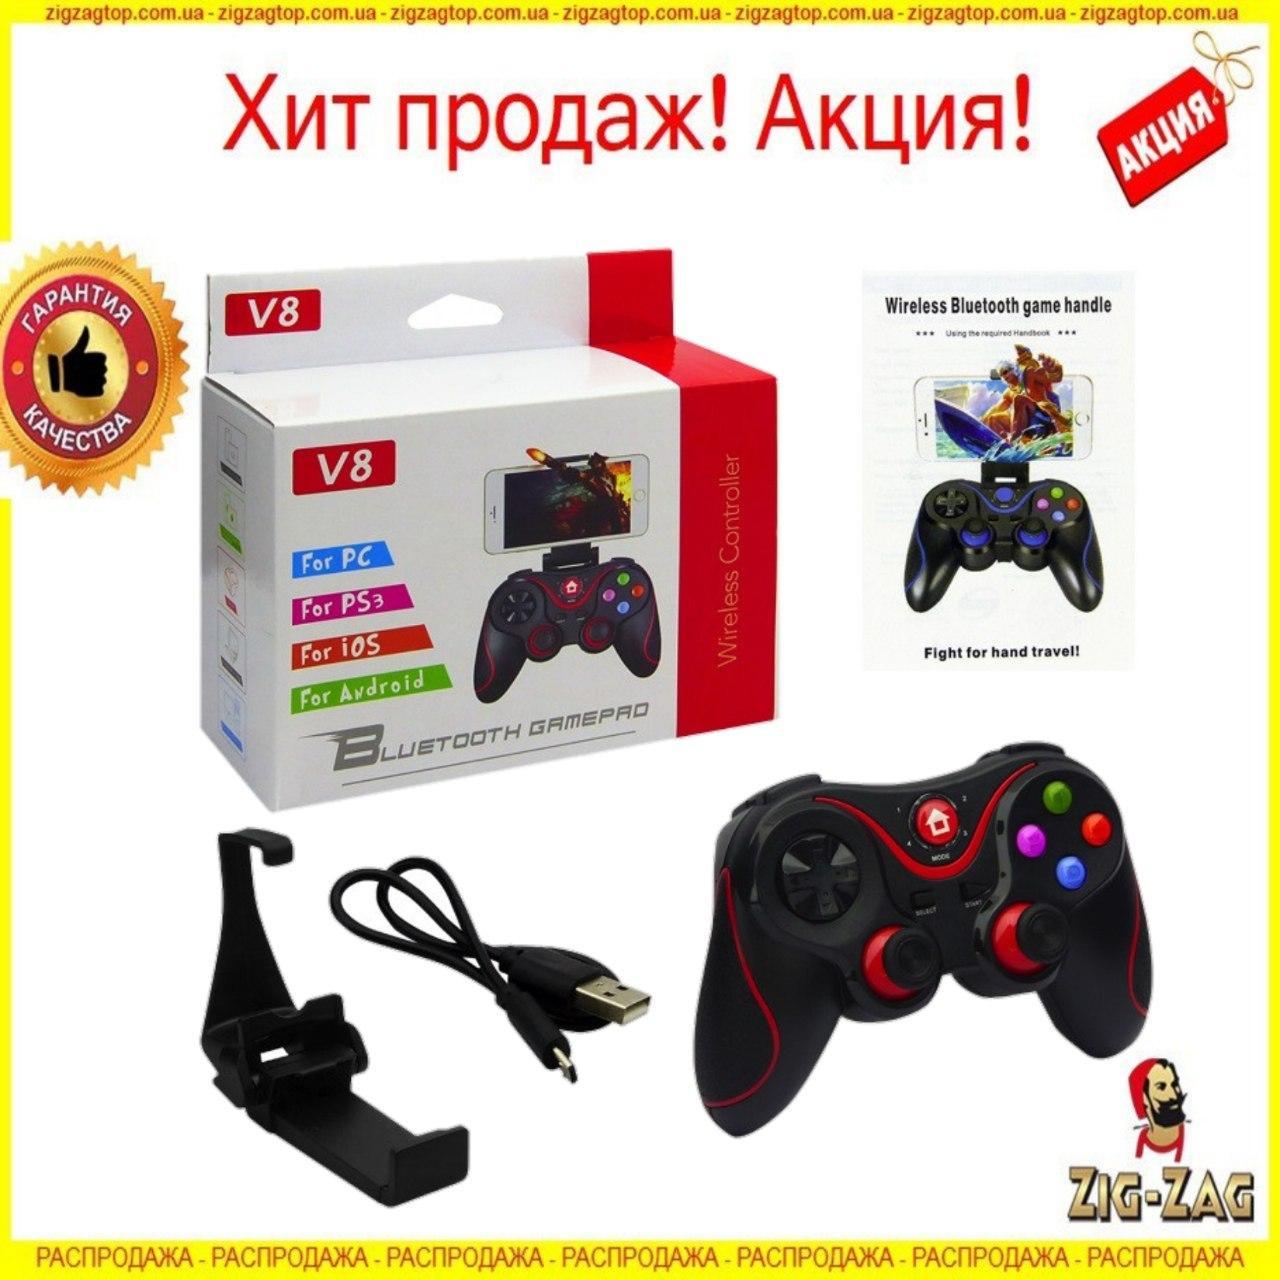 Универсальный Bluetooth беспроводной геймпад, джойстик V8 игровой блютуз контроллер, для Android IOS, iPad, PC